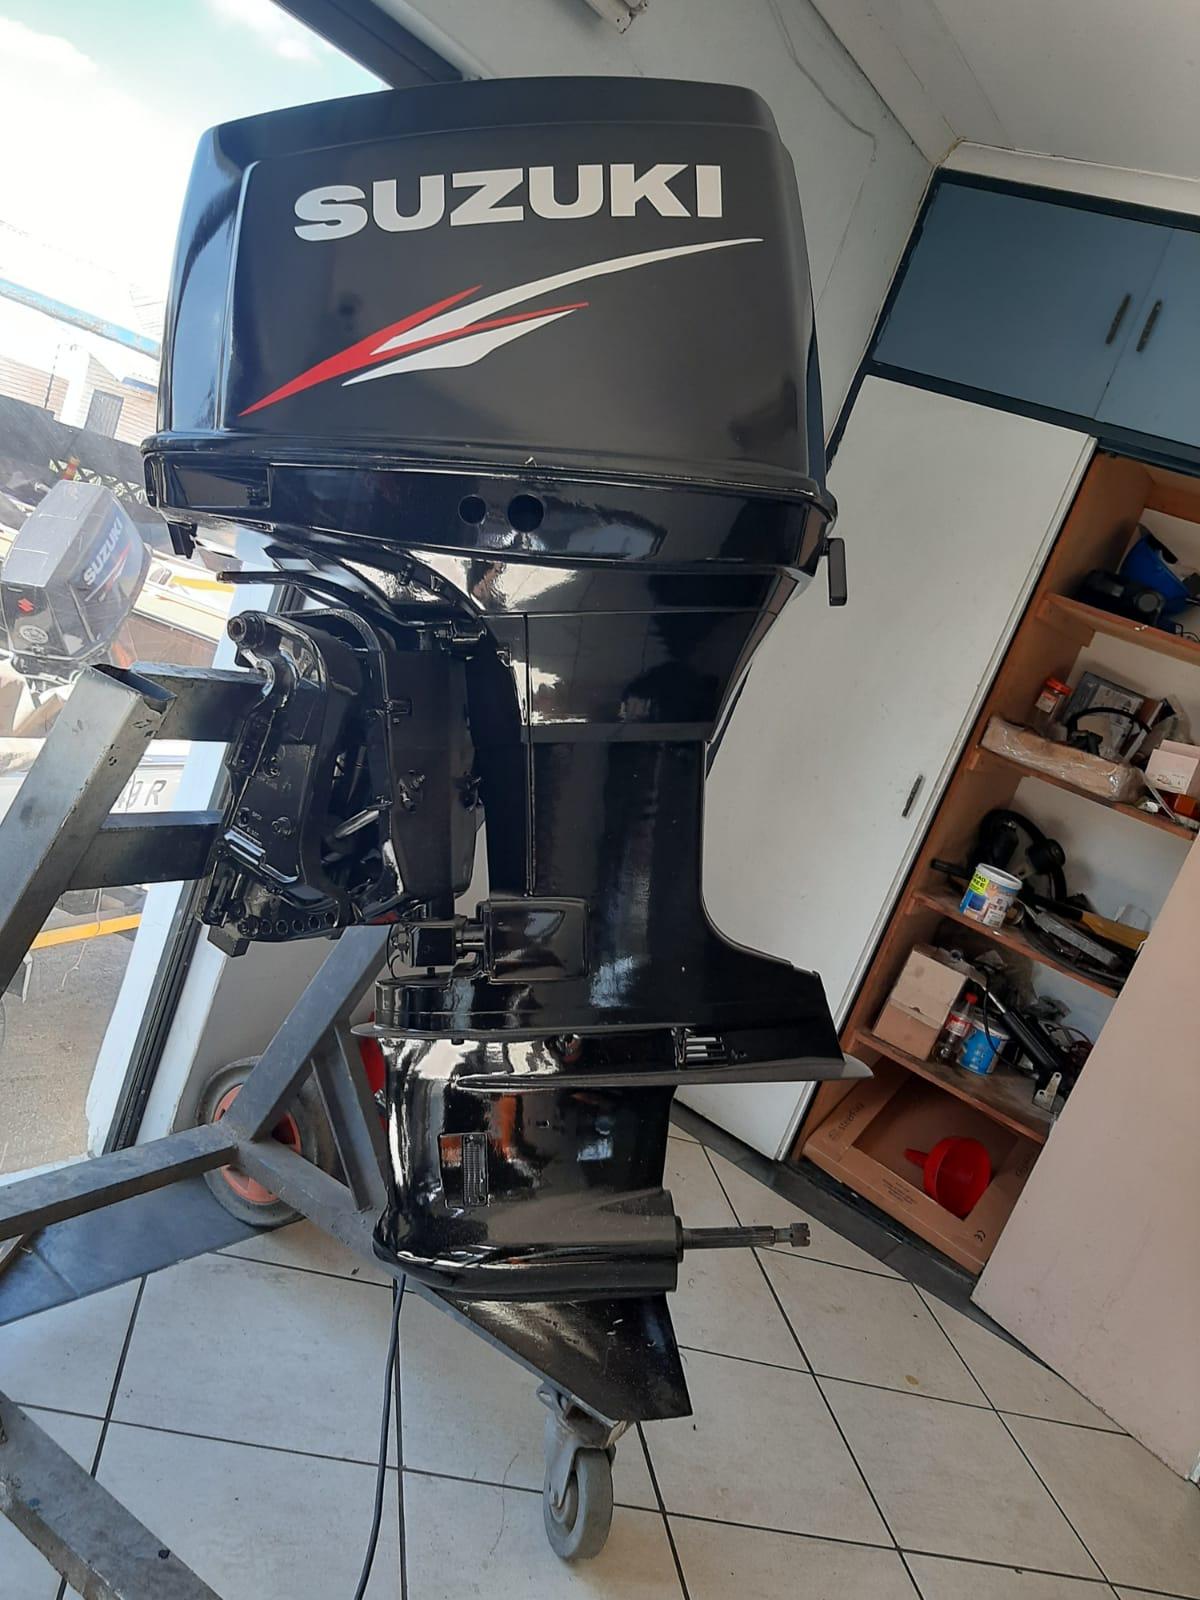 suzuki 200 outboard engine